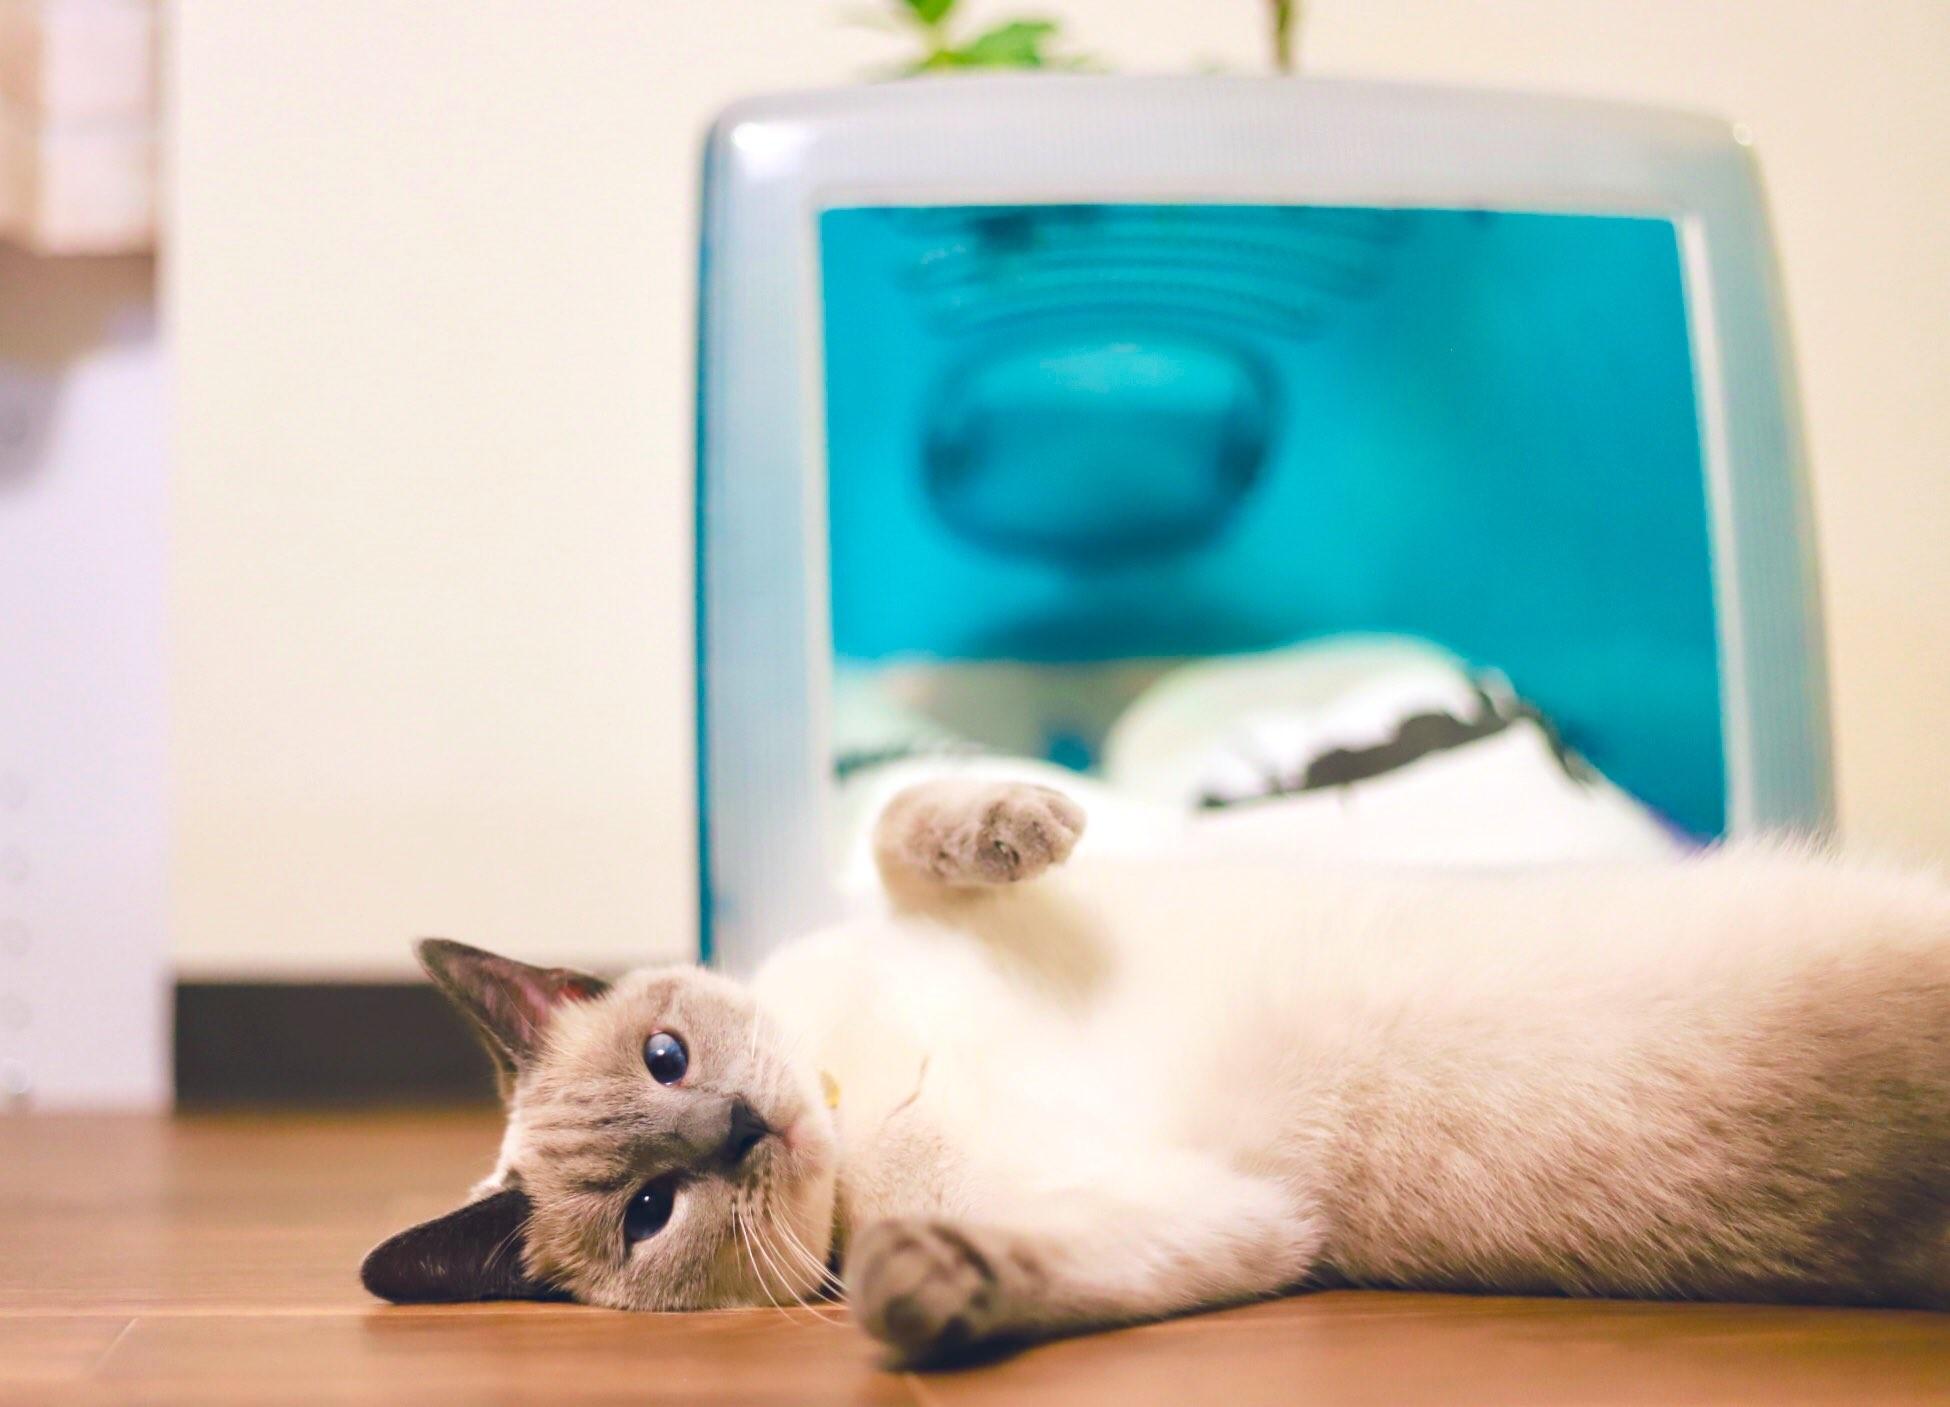 ▲▼日本網友將iMac G3掏空,打造成貓咪新臥室。(圖/翻攝自Twitter/Modest_Phouka)